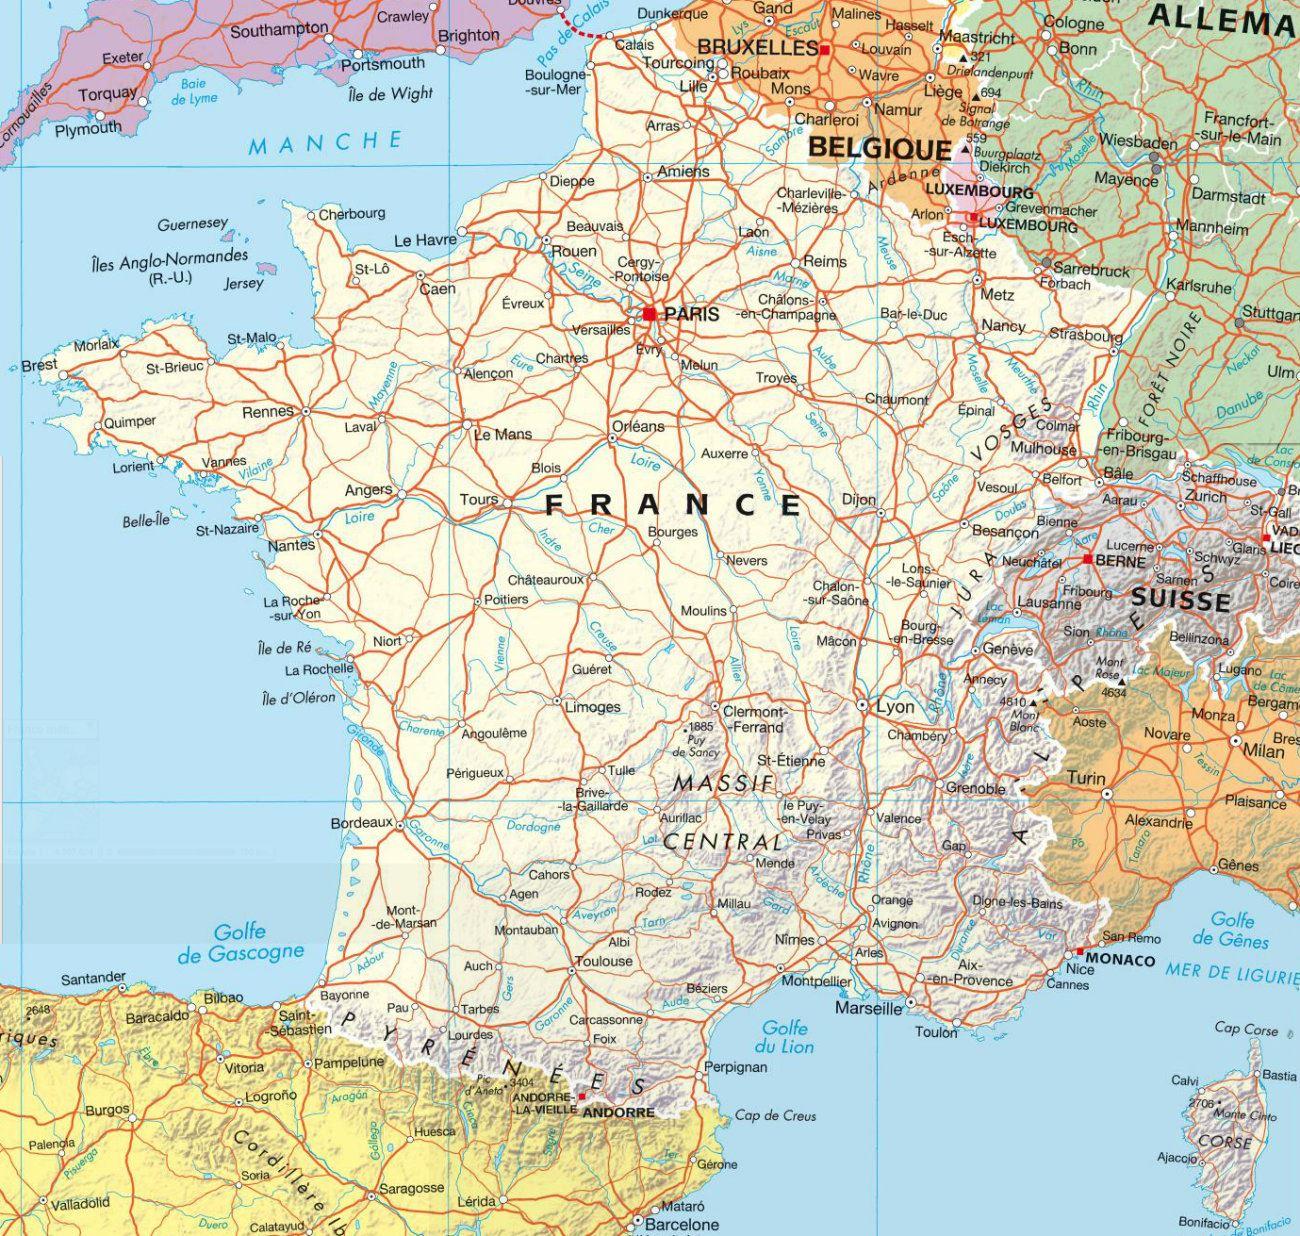 Carte Routiere : Carte Des Routes De France, Calcul D dedans Carte Routiere France Gratuite